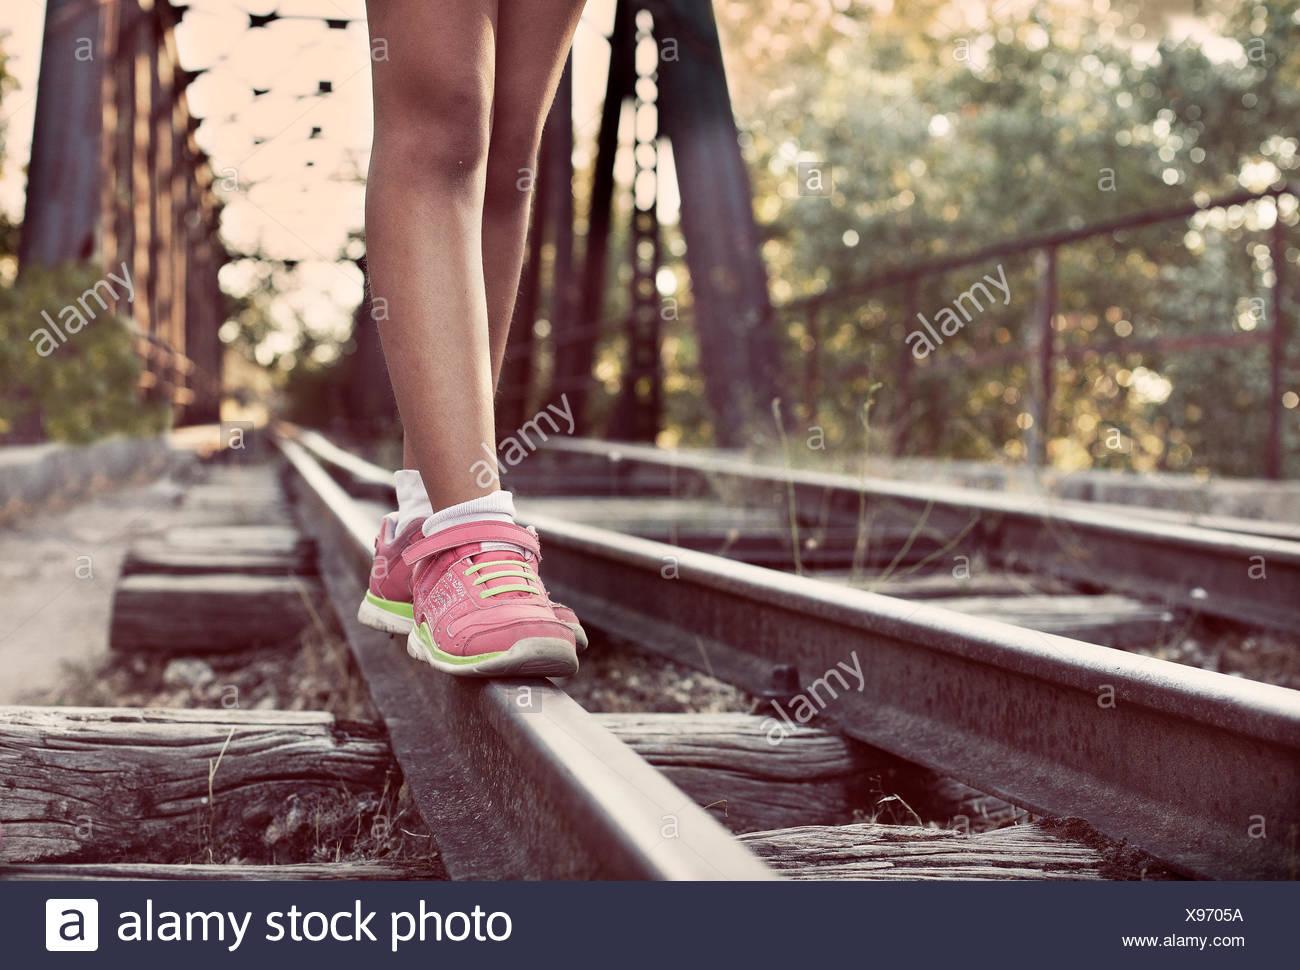 Close-up di donna per le gambe a piedi lungo i binari del treno Immagini Stock